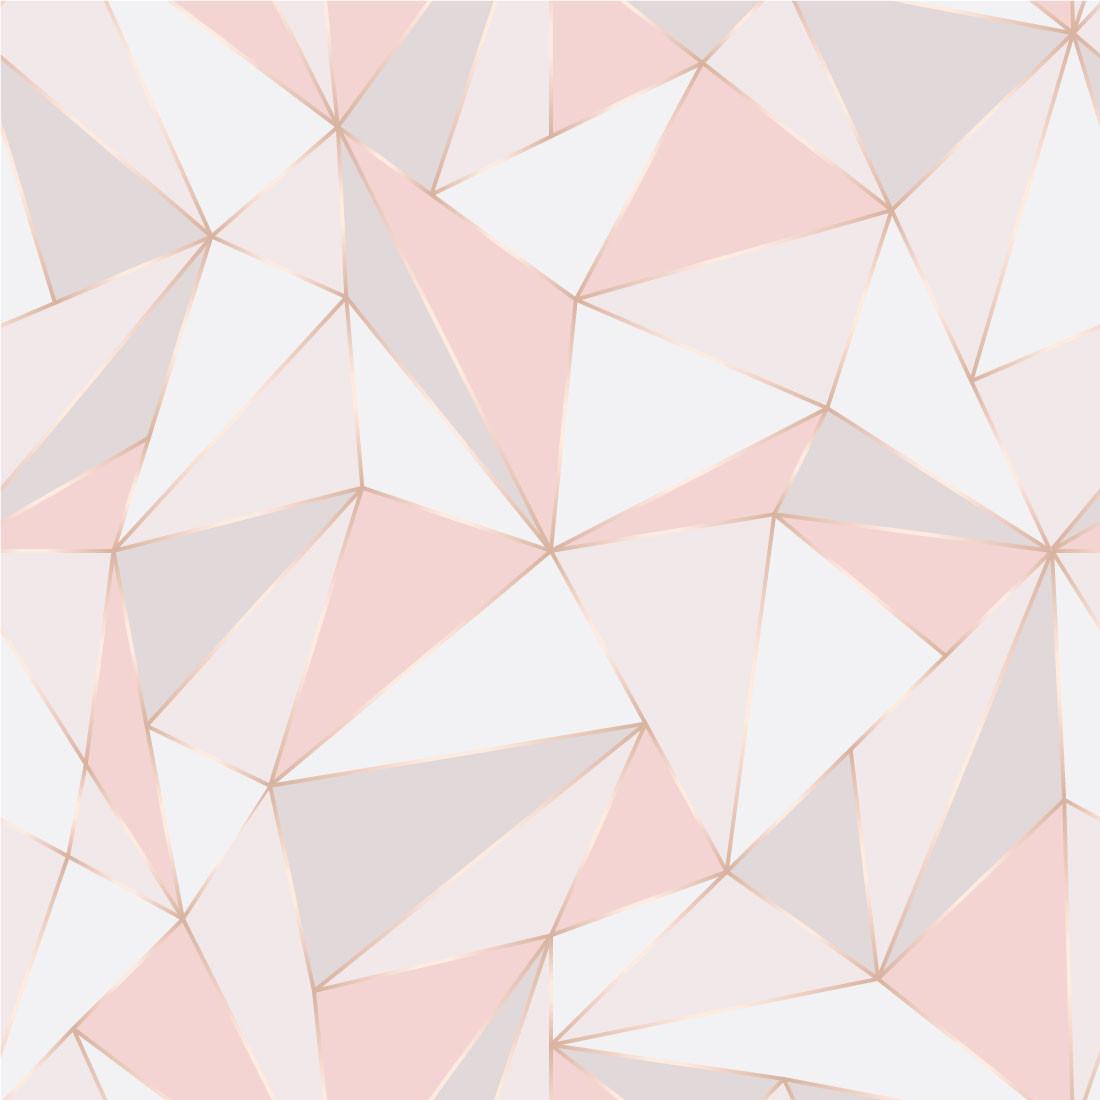 Papel de Parede Triângulos em Tons de Rosa Claro